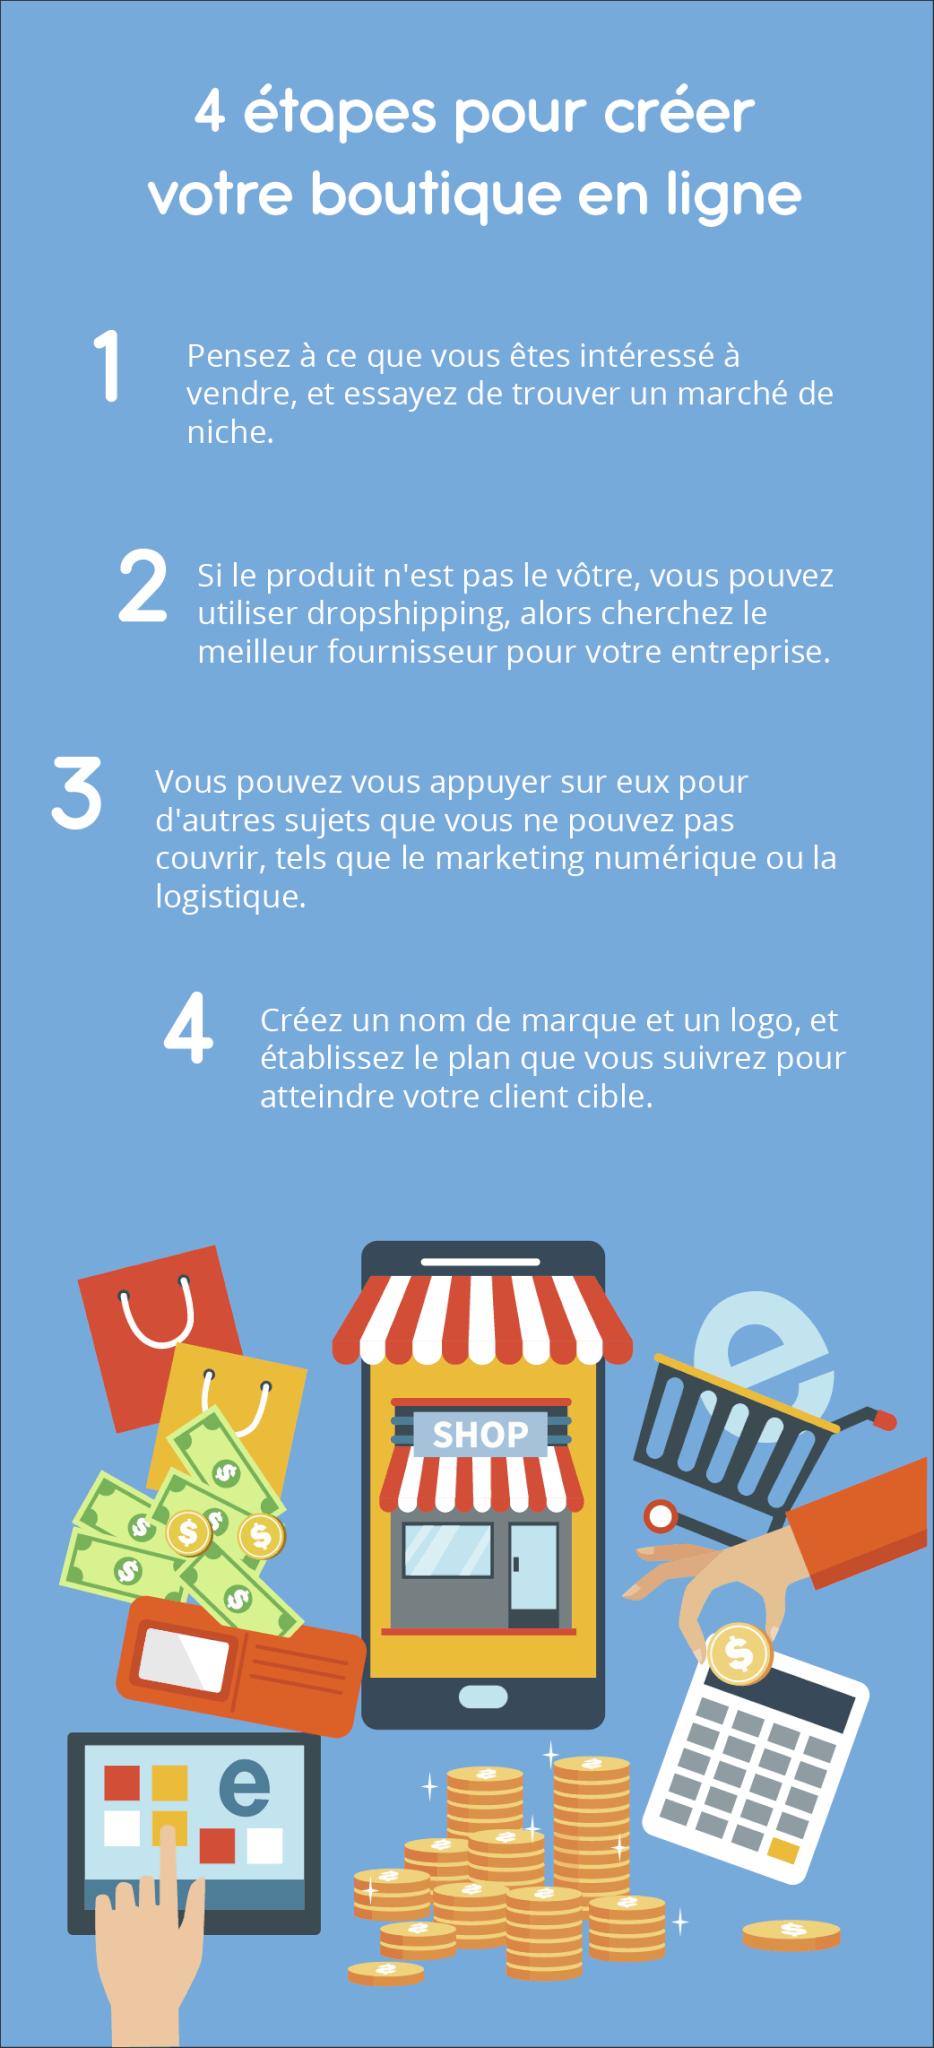 étapes pour créer sa boutique en ligne